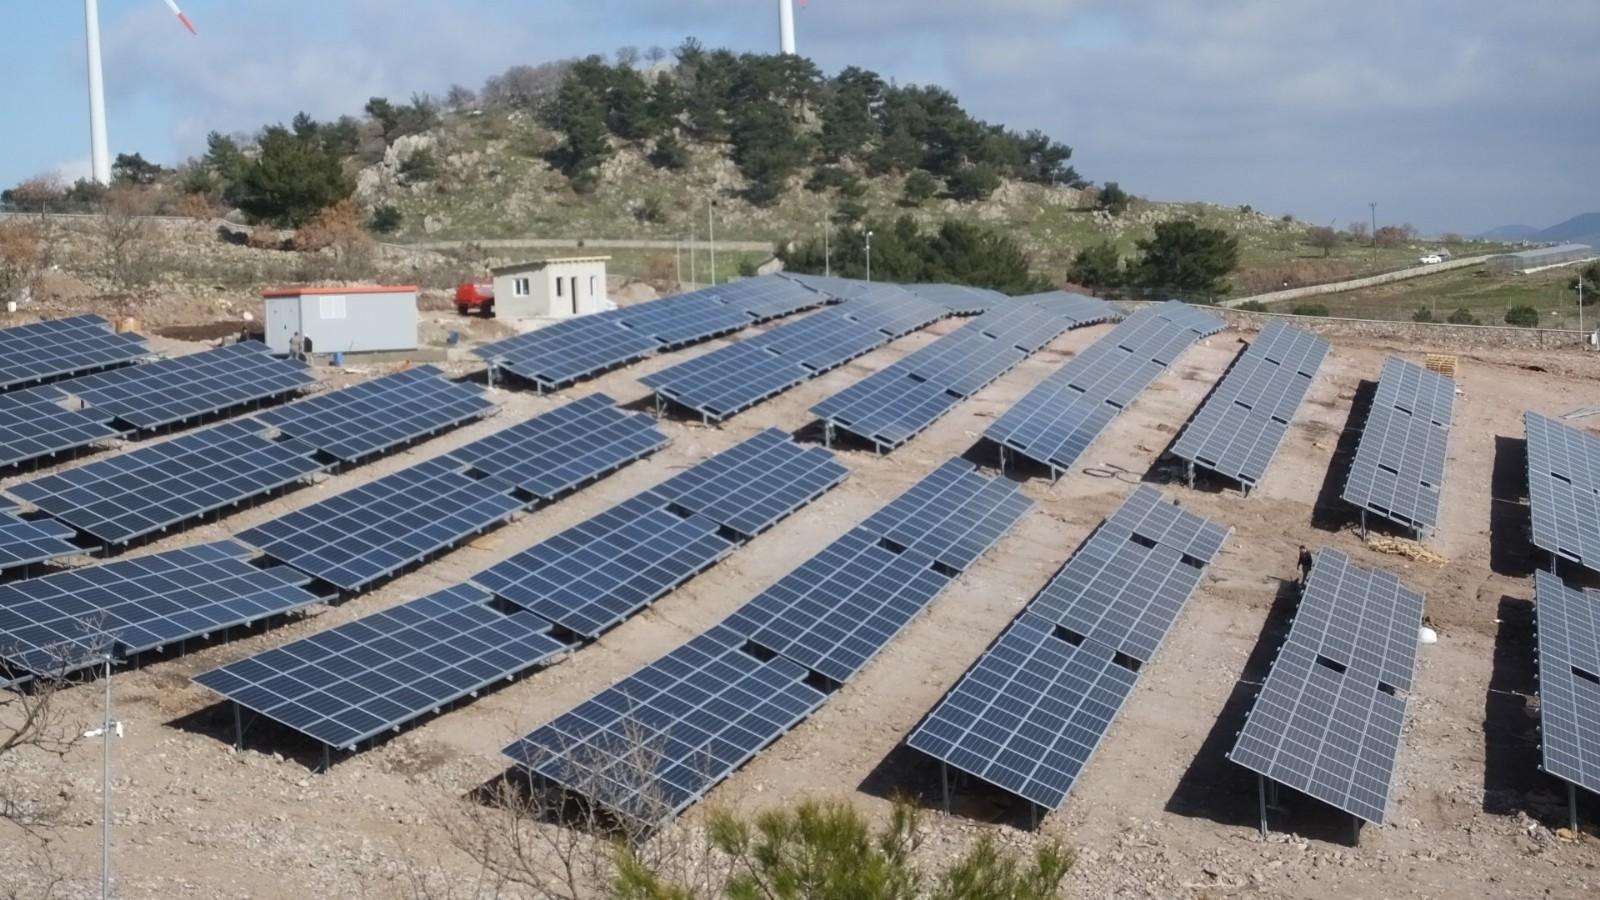 Temiz enerji üretilecek! Havran'da güneş enerji santrali kuruldu